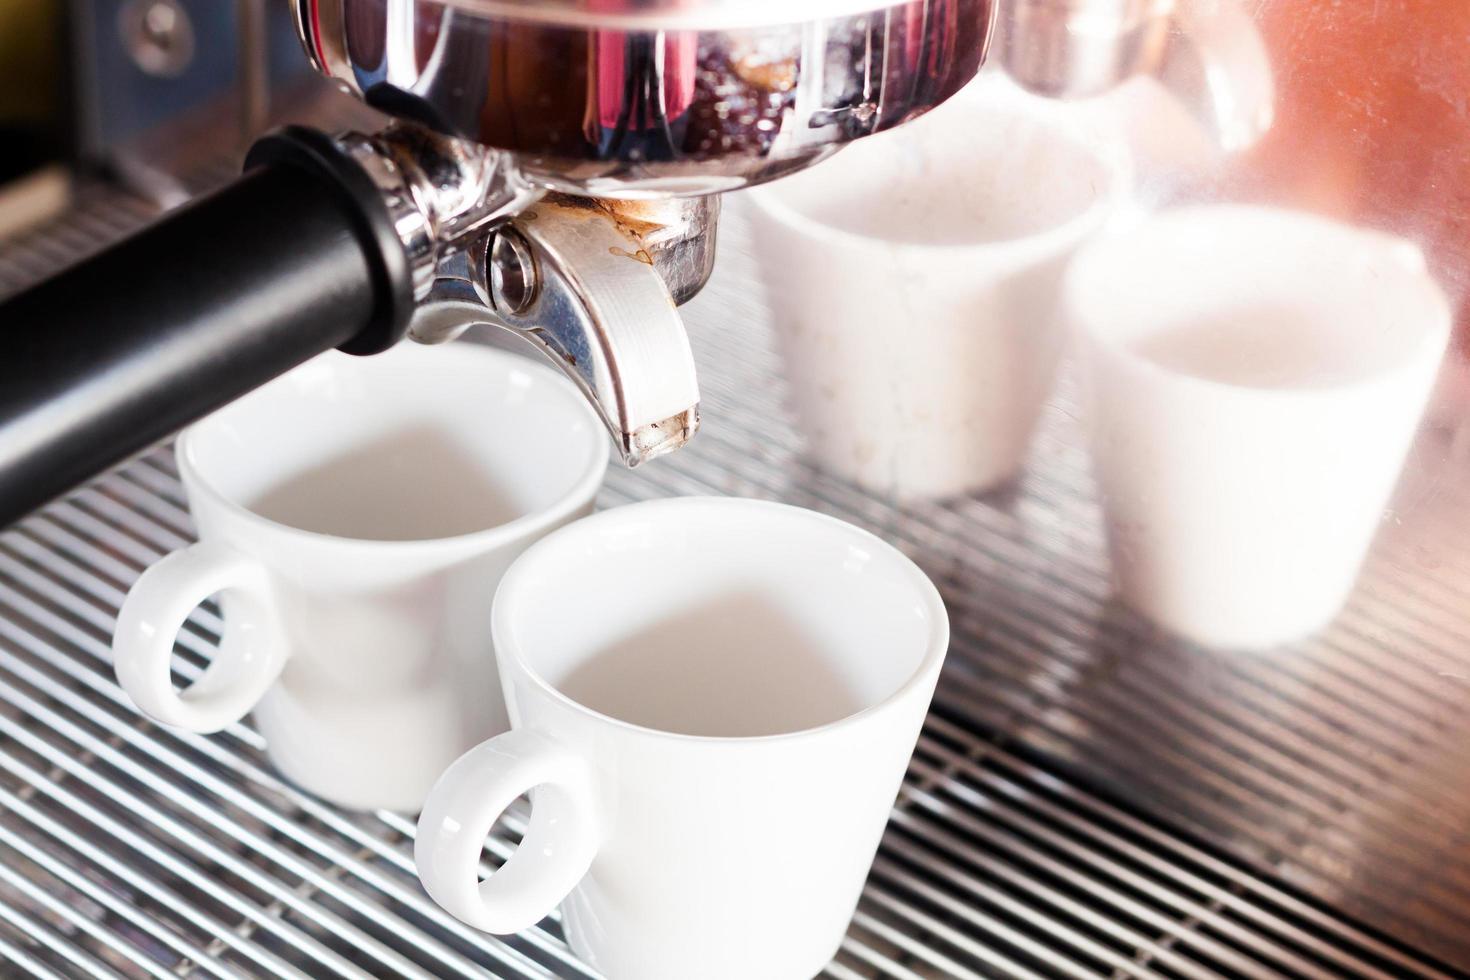 tazas de espresso debajo de una máquina de espresso foto